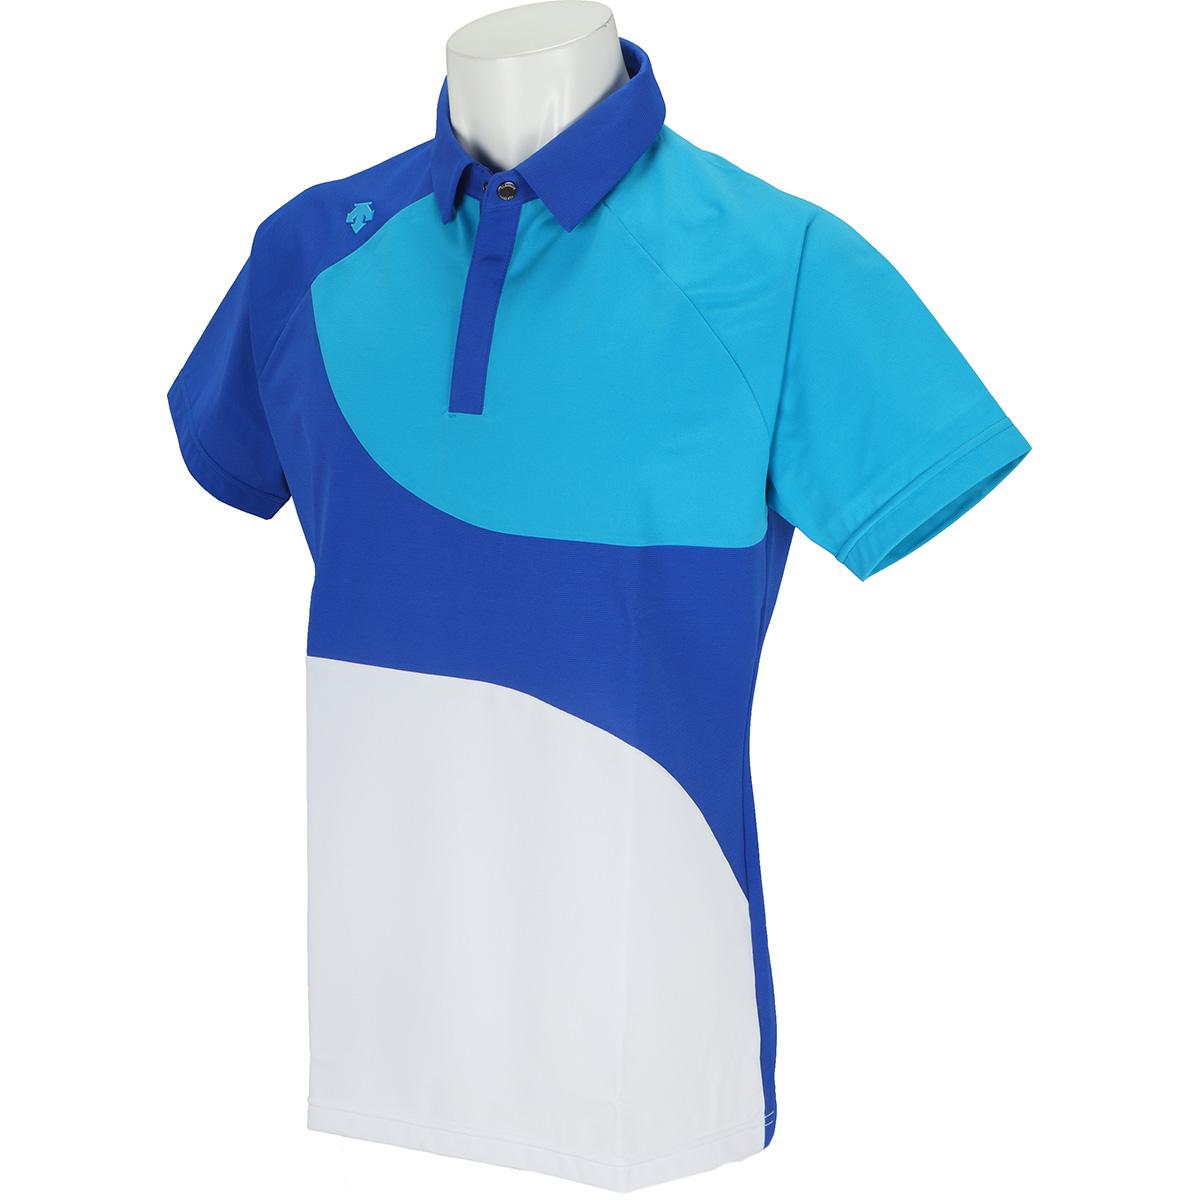 クーリストHINERI枯山水切り替え 半袖ポロシャツ